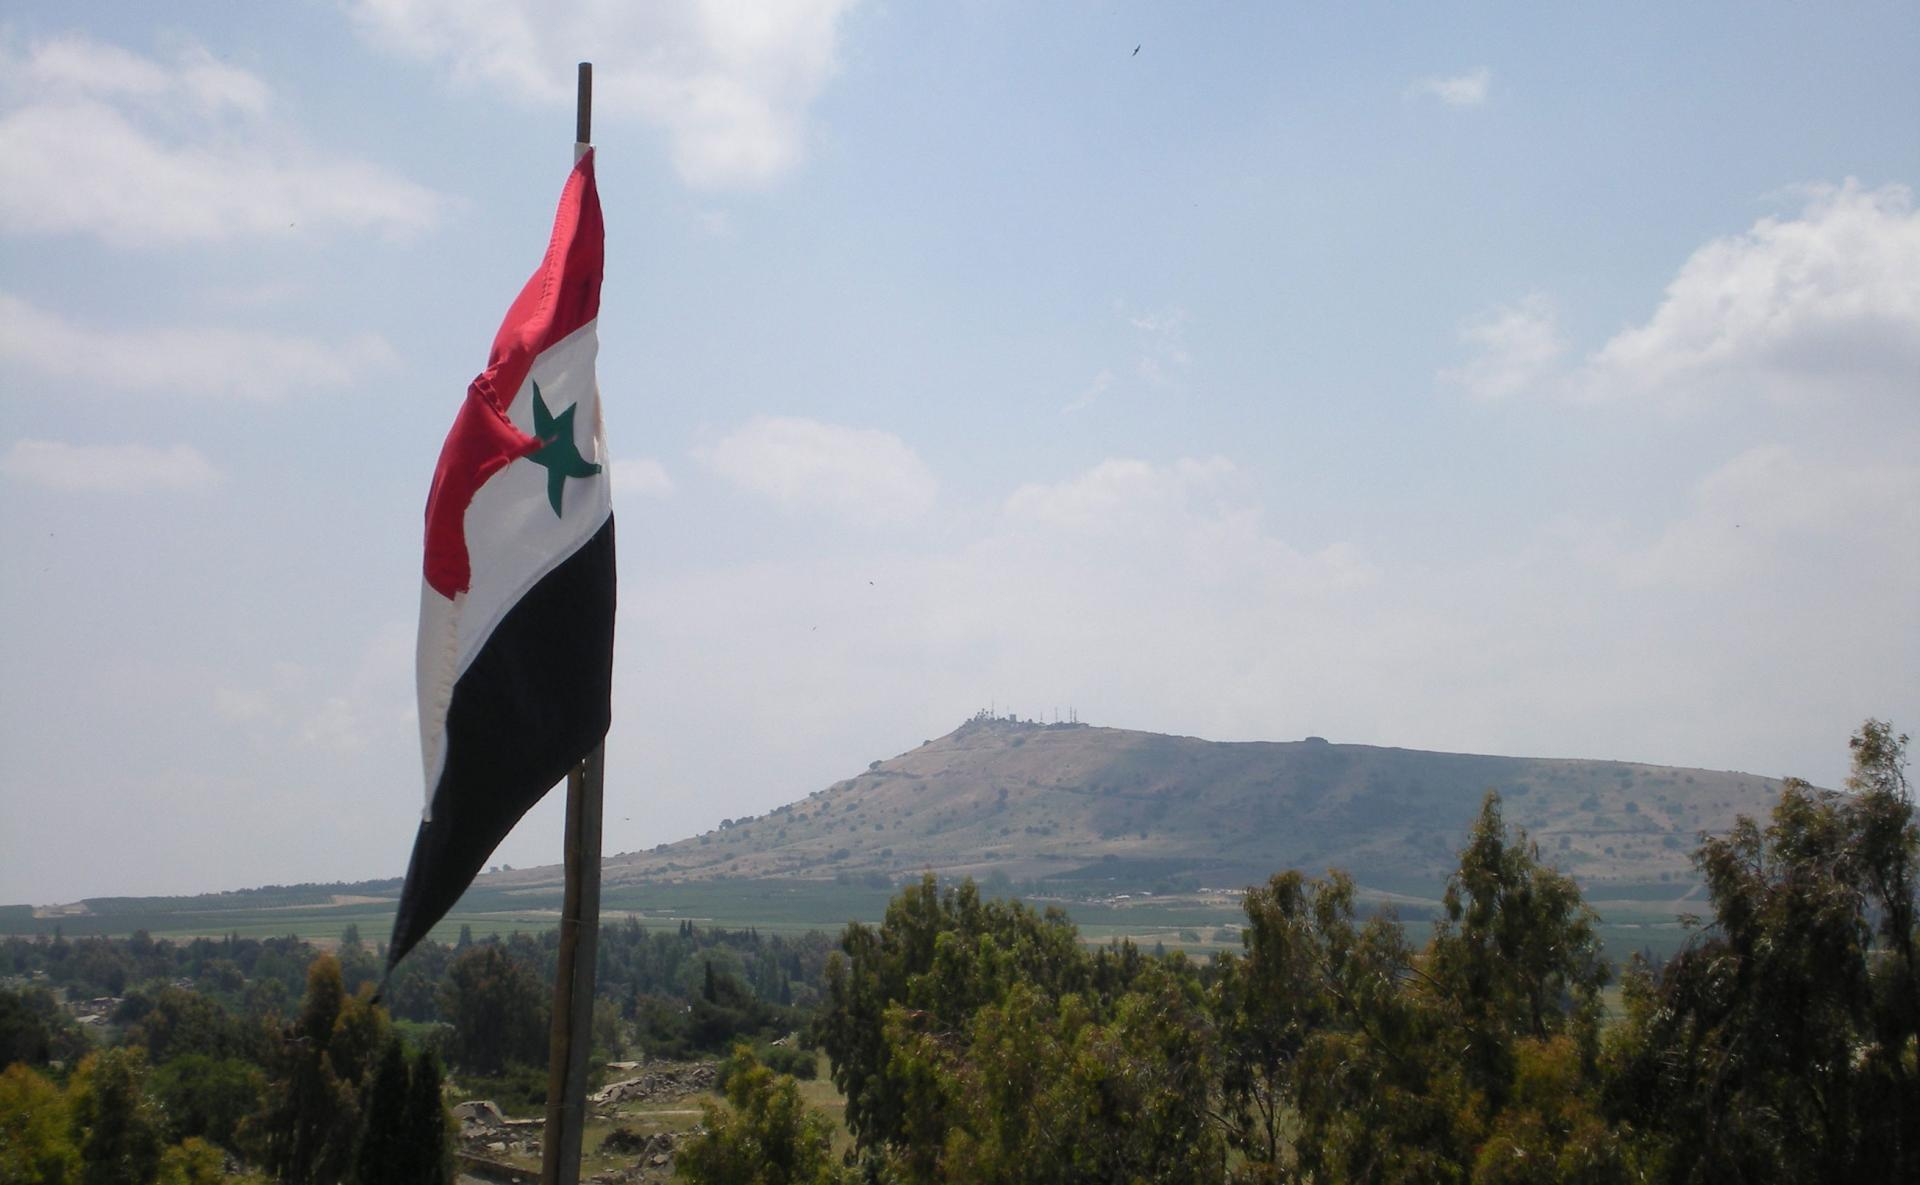 الأمم المتحدة : الجولان ذو سيادة سورية والإجراءات الإسرائيلية فيه باطلة ولاغية